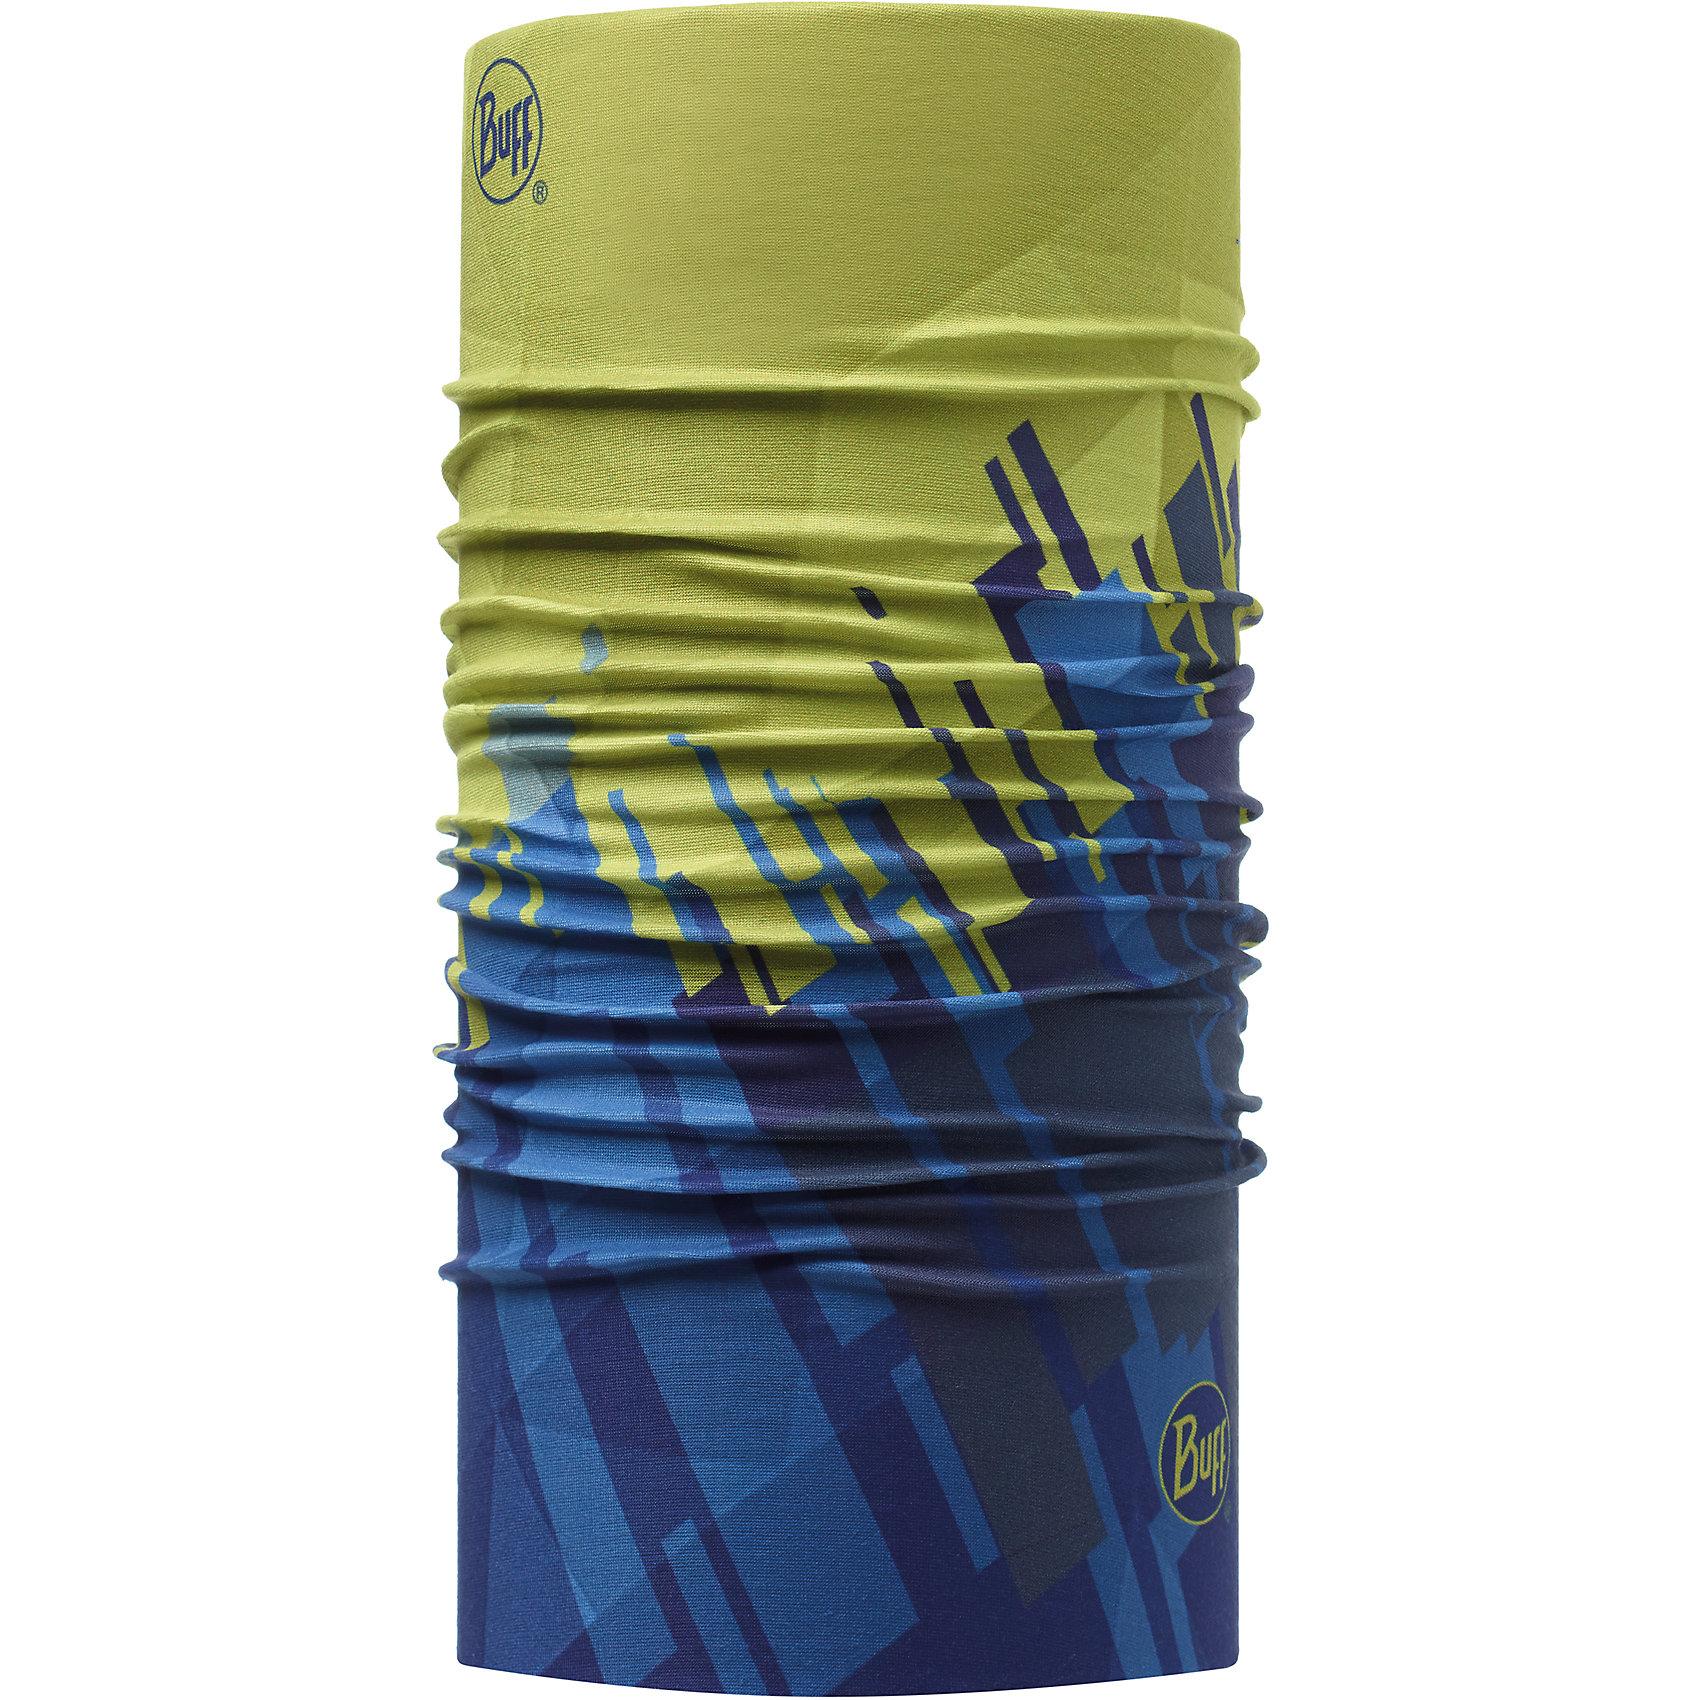 Бандана BUFFГоловные уборы<br>Бандана BUFF <br>Бесшовная бандана-труба из специальной серии Original BUFF. Original BUFF - самый популярный универсальный головной убор из всех серий. <br><br>Сделан из микрофибры - защищает от ветра, пыли, влаги и ультрафиолета. Контролирует микроклимат в холодную и теплую погоду, отводит влагу. Ткань обработана ионами серебра, обеспечивающими длительный антибактериальный эффект и предотвращающими появление запаха. Допускается машинная и ручная стирка при 30-40градусах. Материал не теряет цвет и эластичность, не требует глажки. <br><br>Original BUFF можно носить на шее и на голове, как шейный платок, маску, бандану, шапку и подшлемник. <br><br>Свойства материала позволяют использовать бандану Original BUFF в любое время года, при занятиях любым видом спорта, активного отдыха, туризма или рыбалки.<br>Состав:<br>Полиэстер 100%<br><br>Ширина мм: 89<br>Глубина мм: 117<br>Высота мм: 44<br>Вес г: 155<br>Цвет: зеленый<br>Возраст от месяцев: 84<br>Возраст до месяцев: 1188<br>Пол: Унисекс<br>Возраст: Детский<br>Размер: one size<br>SKU: 5568769